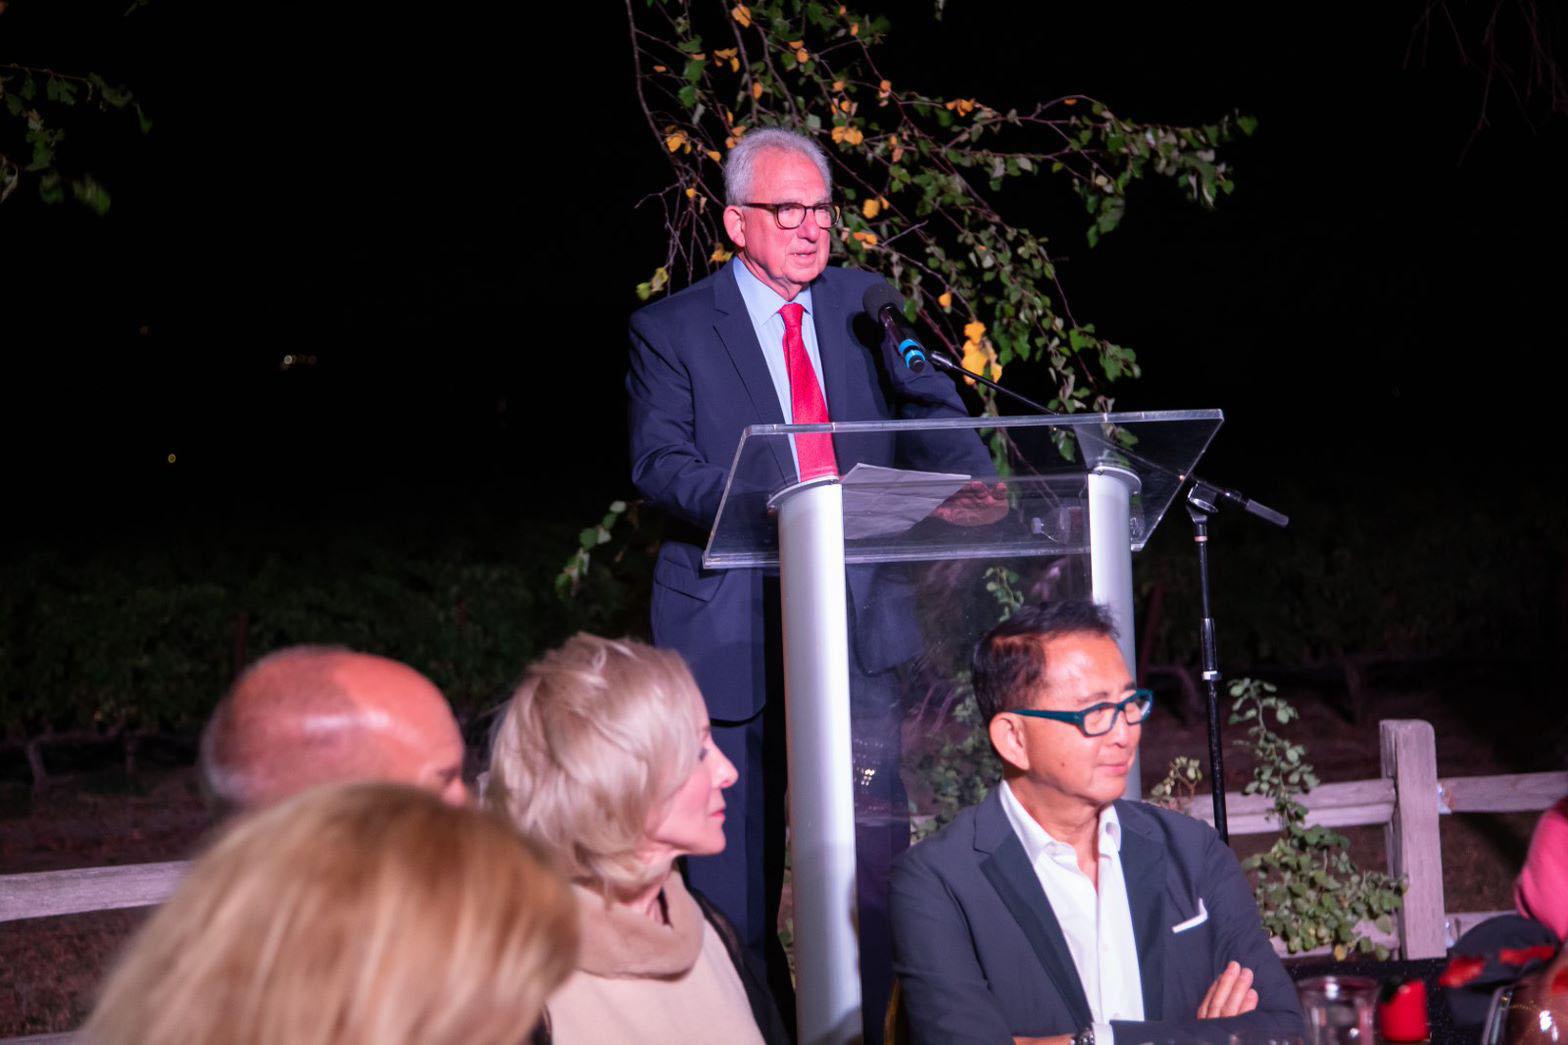 Davis at podium